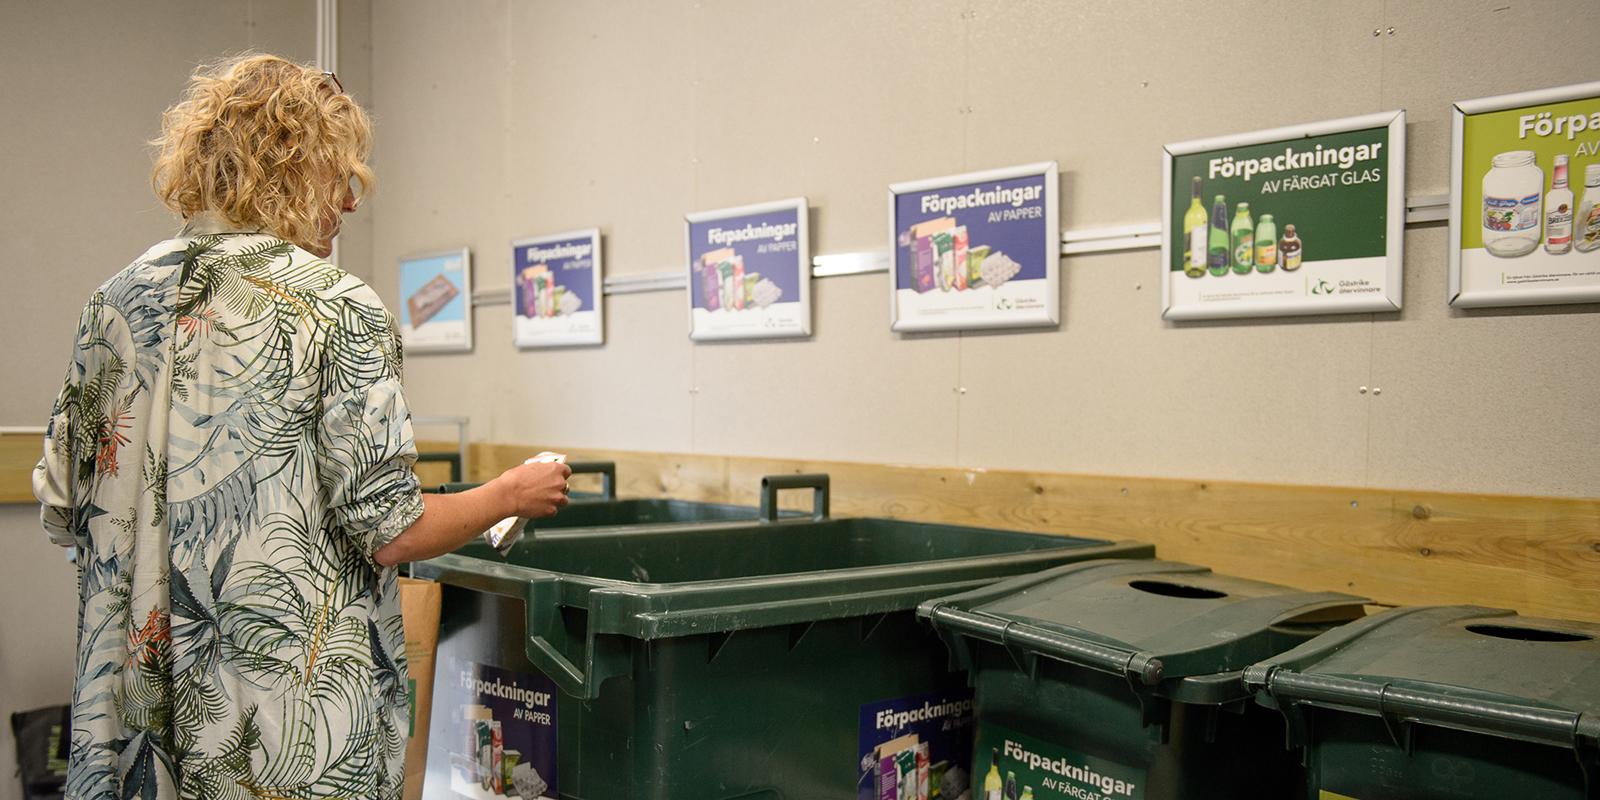 inne i återvinningsrummet